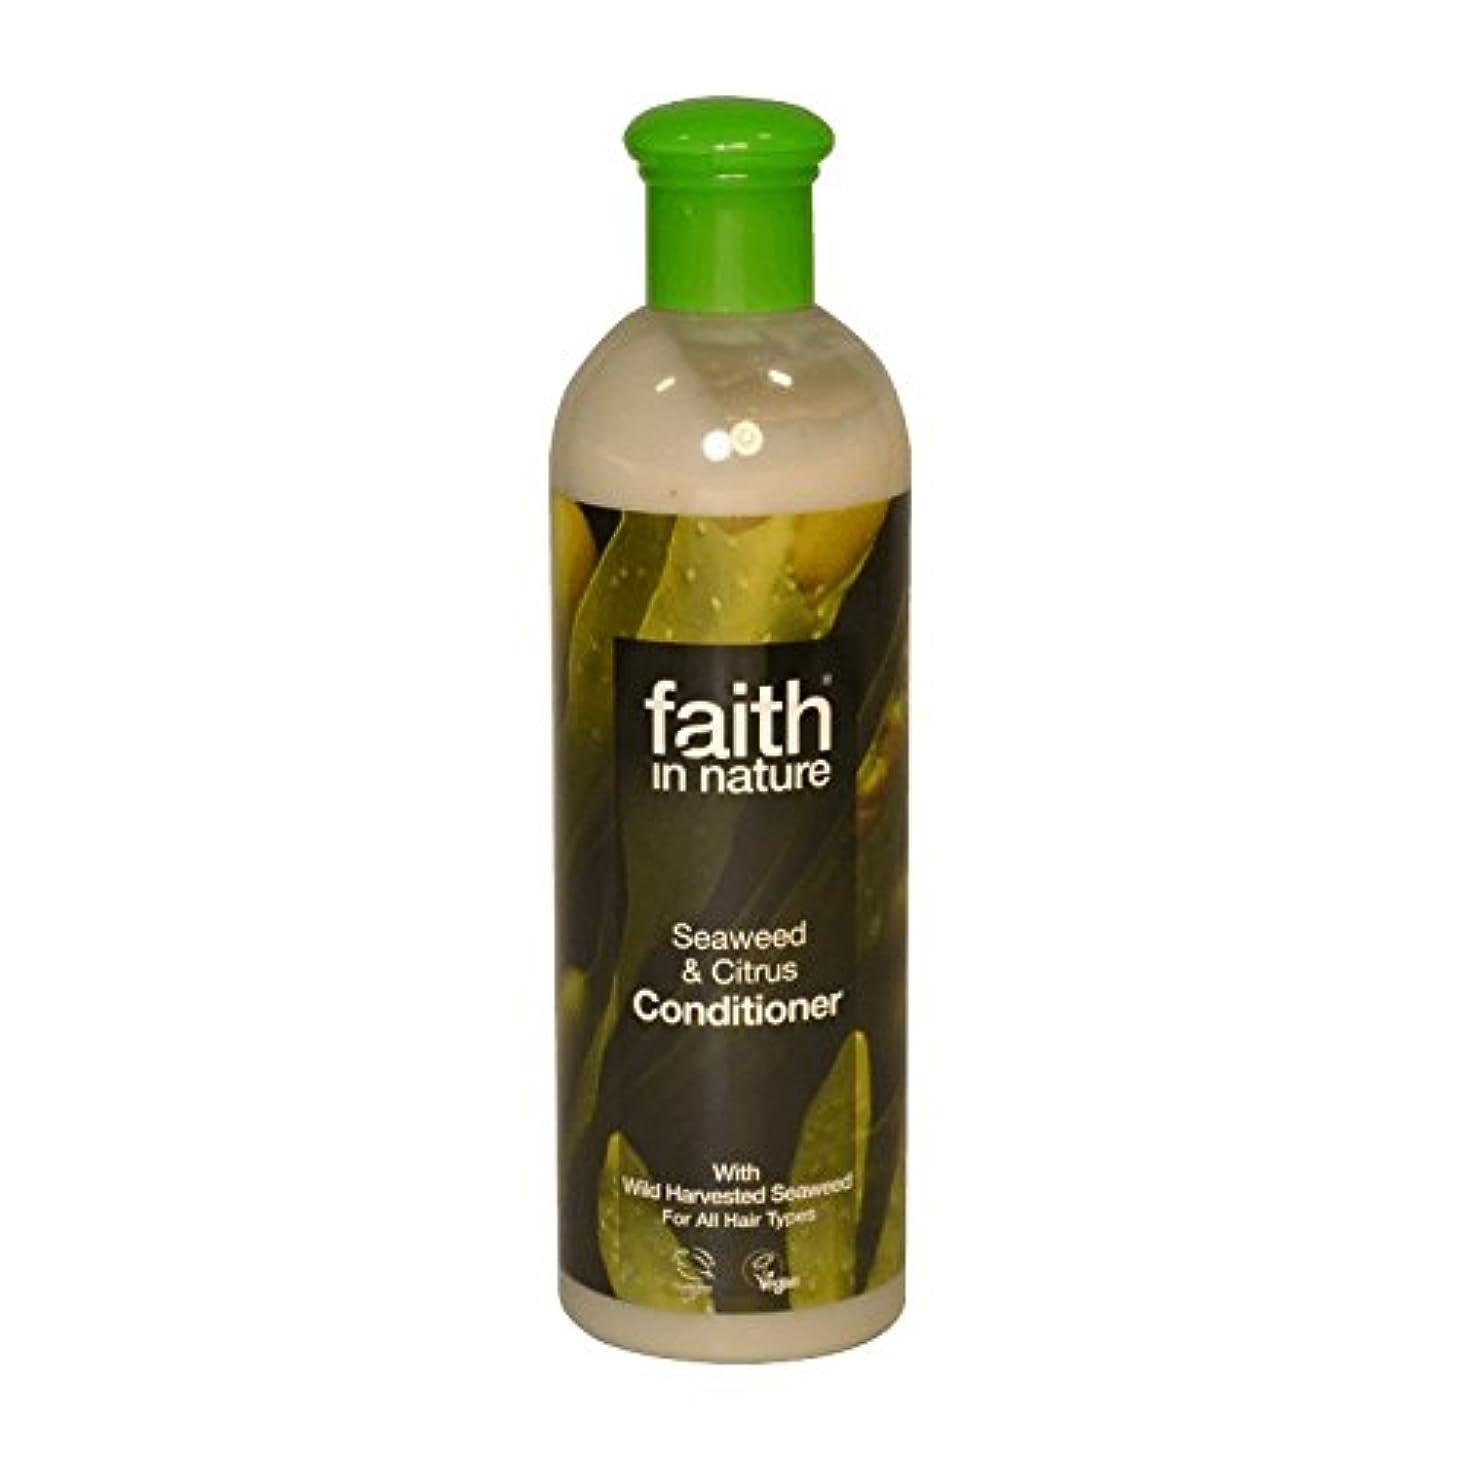 通信する制限されたホイストFaith in Nature Seaweed & Citrus Conditioner 400ml (Pack of 2) - 自然の海藻&シトラスコンディショナー400ミリリットルの信仰 (x2) [並行輸入品]